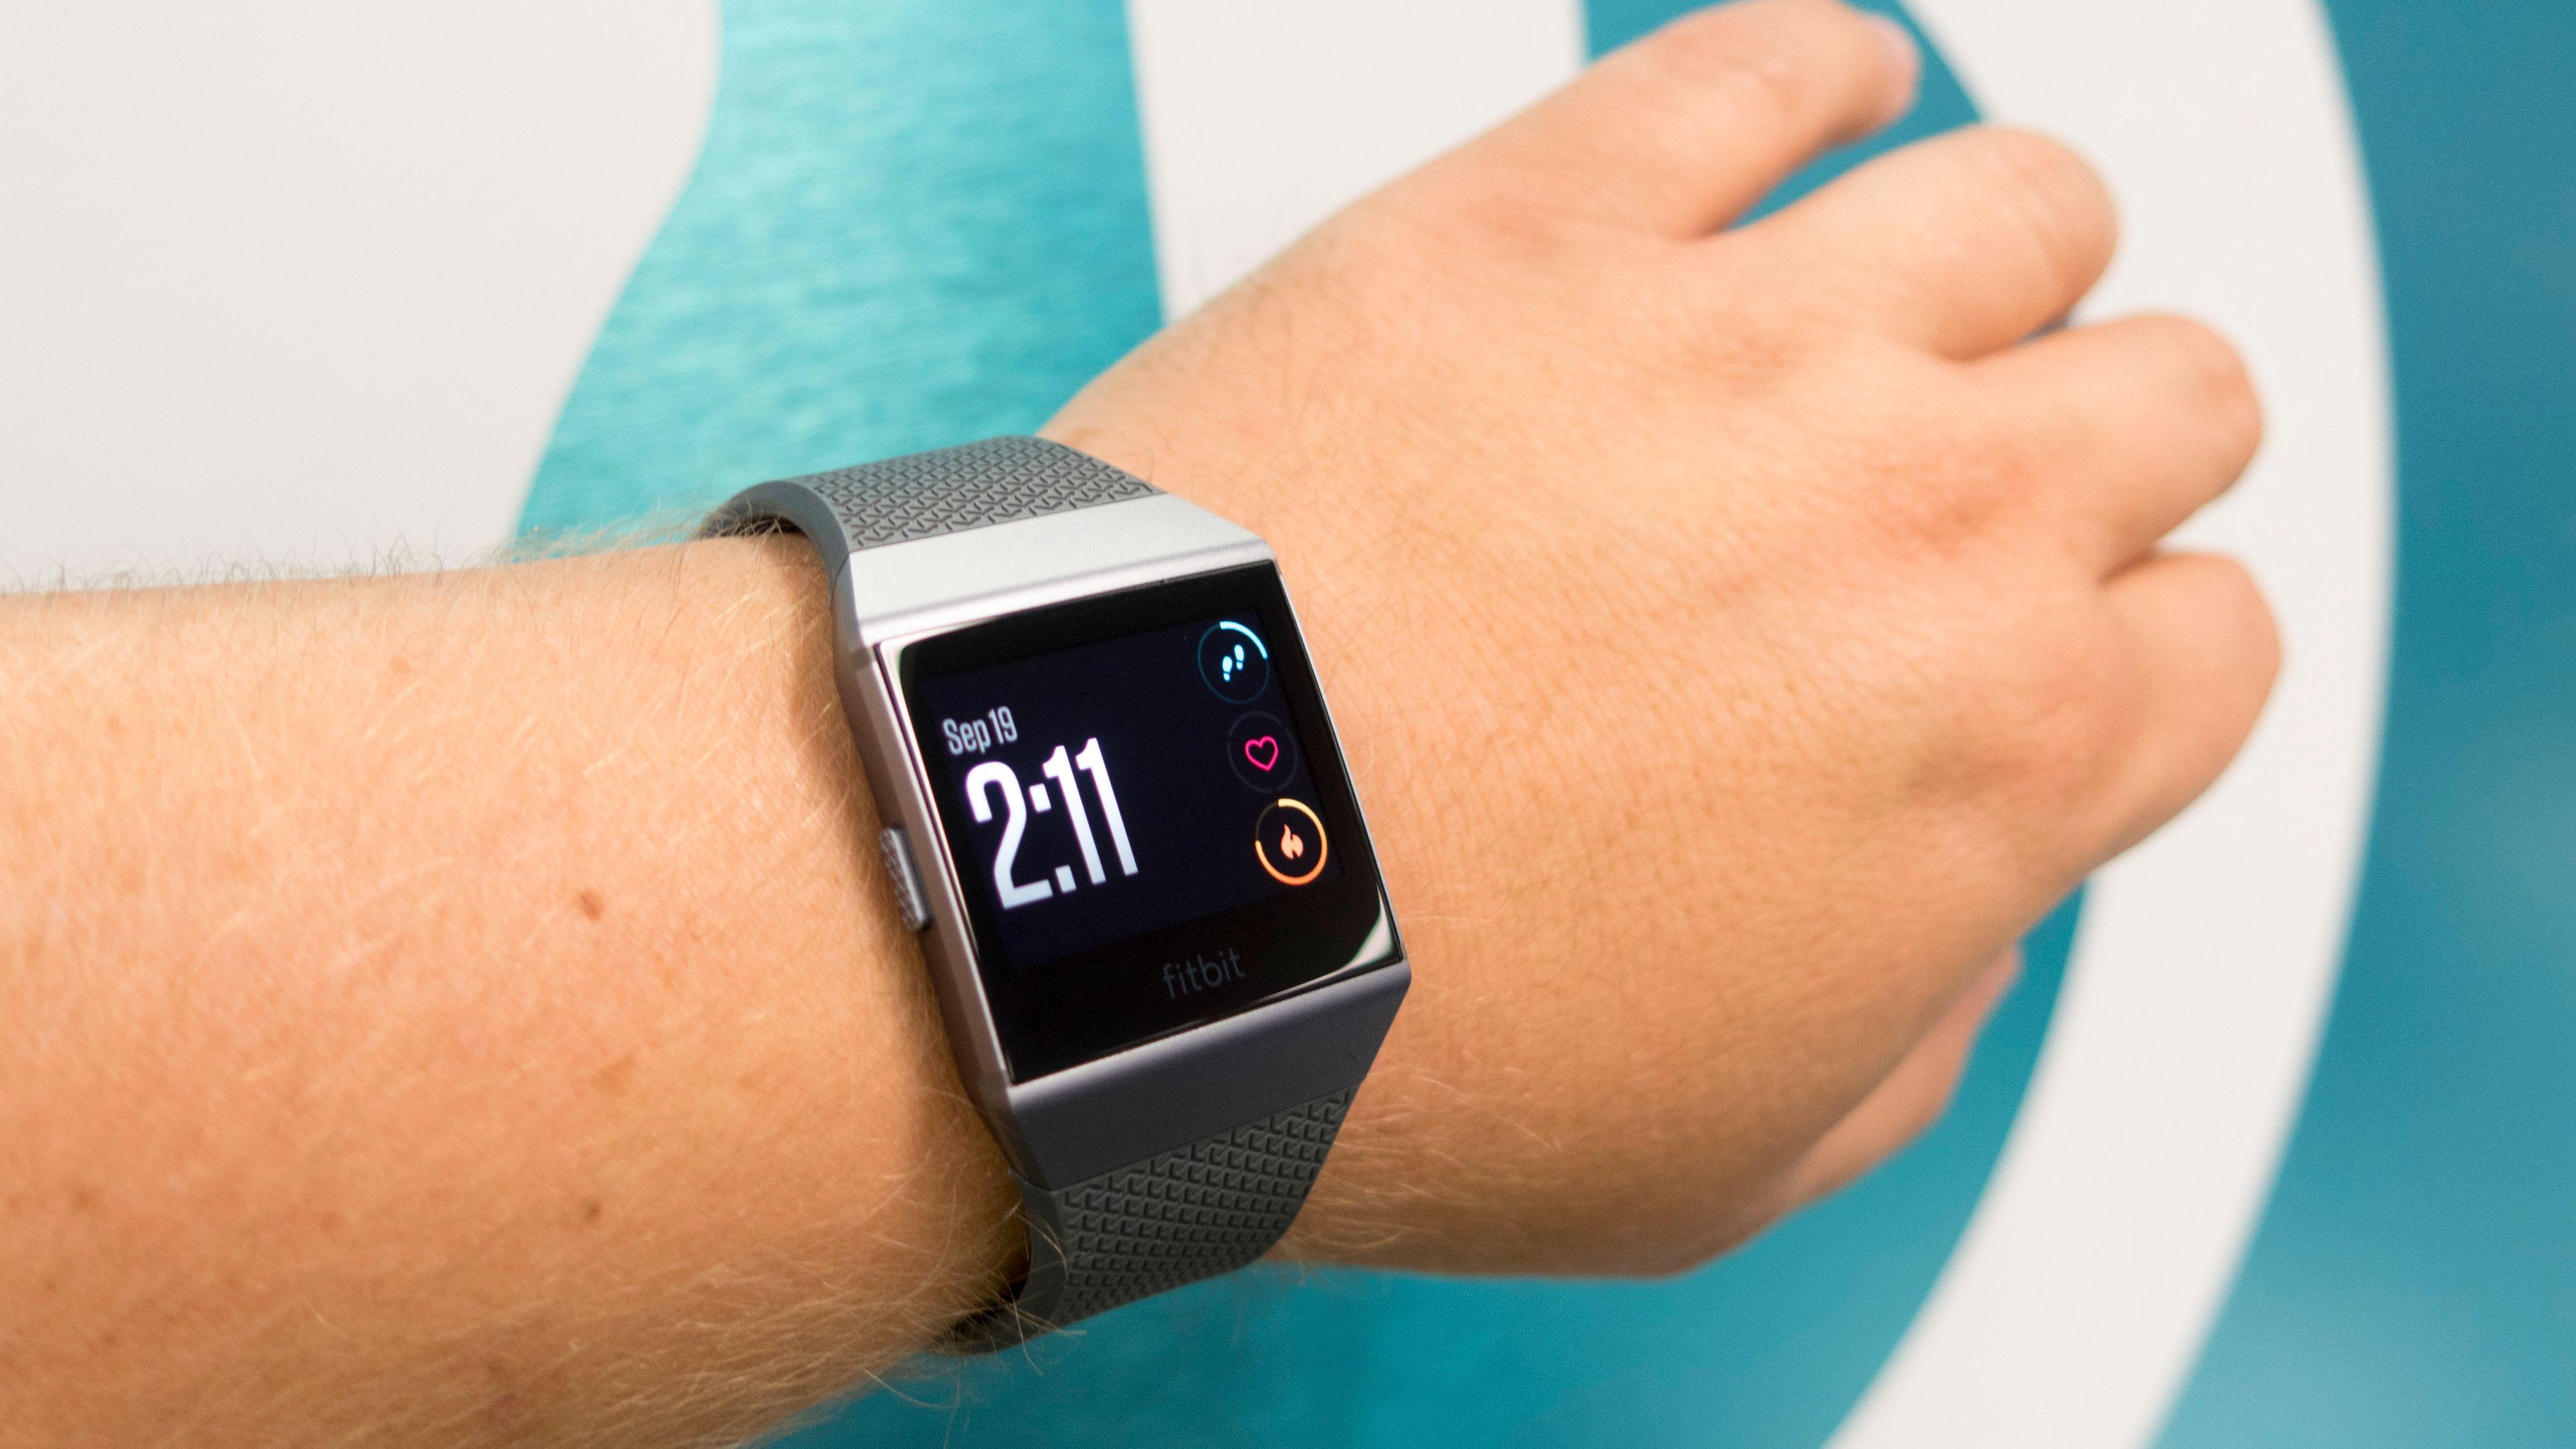 Fitbit gir rabatt på deres smartklokke Ionic for Pebble-kunder. Bilde: Ole Henrik Johansen / Tek.no